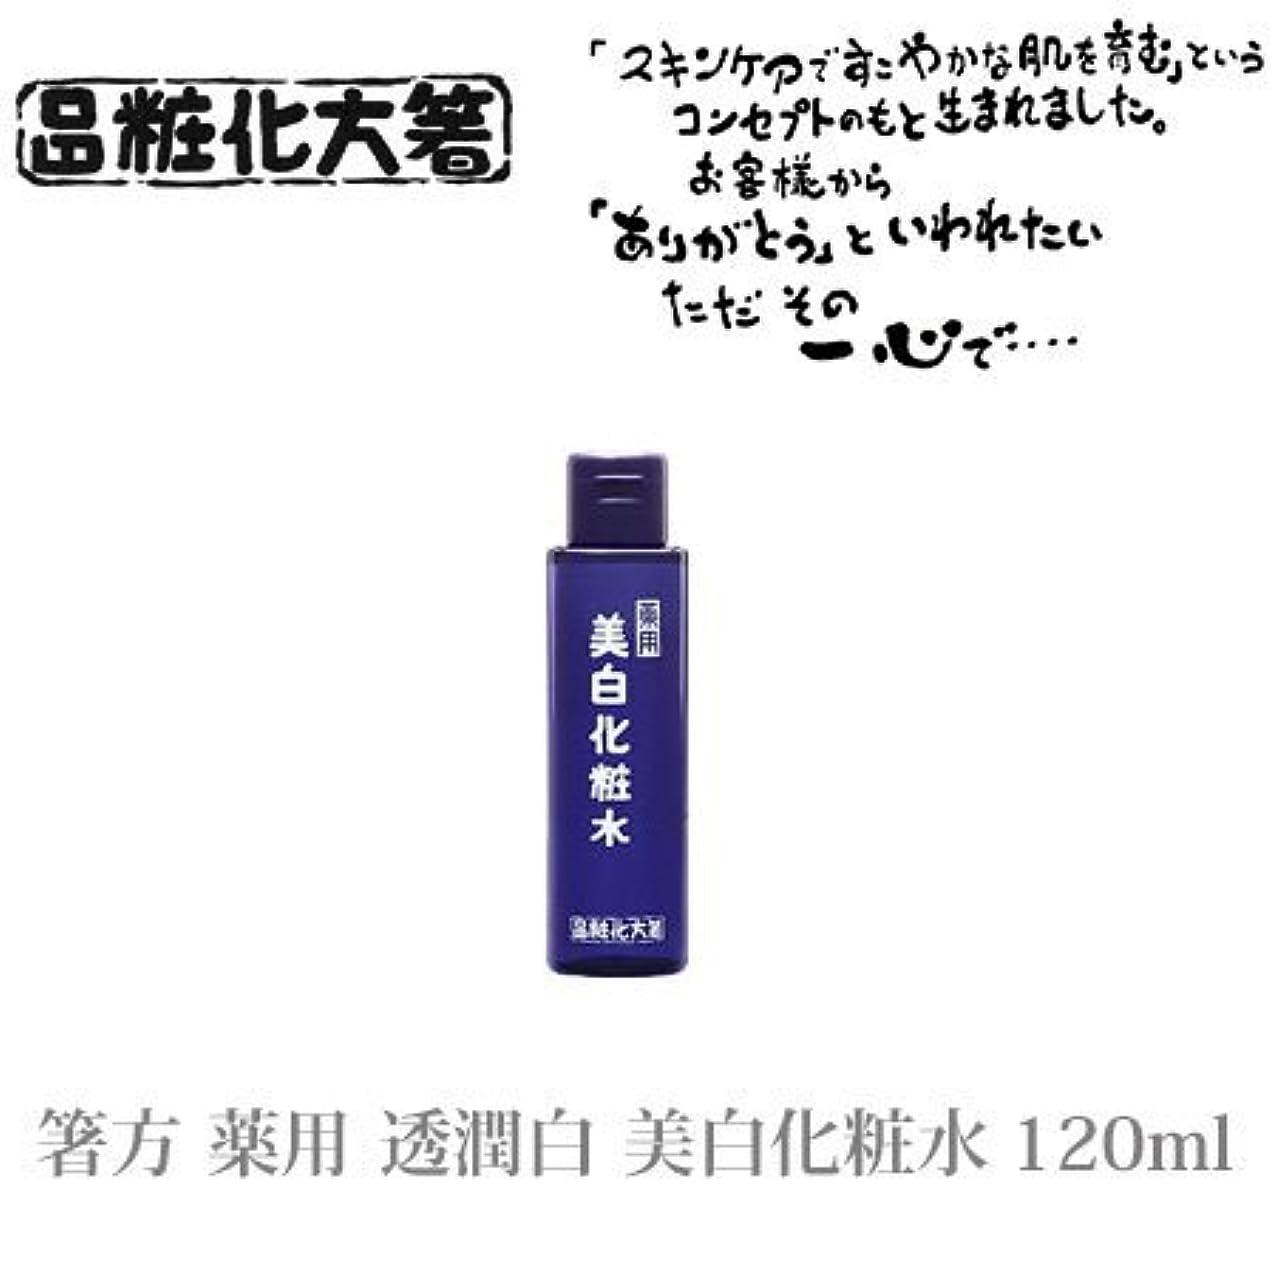 フルーツ野菜照らすアーク箸方化粧品 薬用 透潤白 美白化粧水 120ml はしかた化粧品